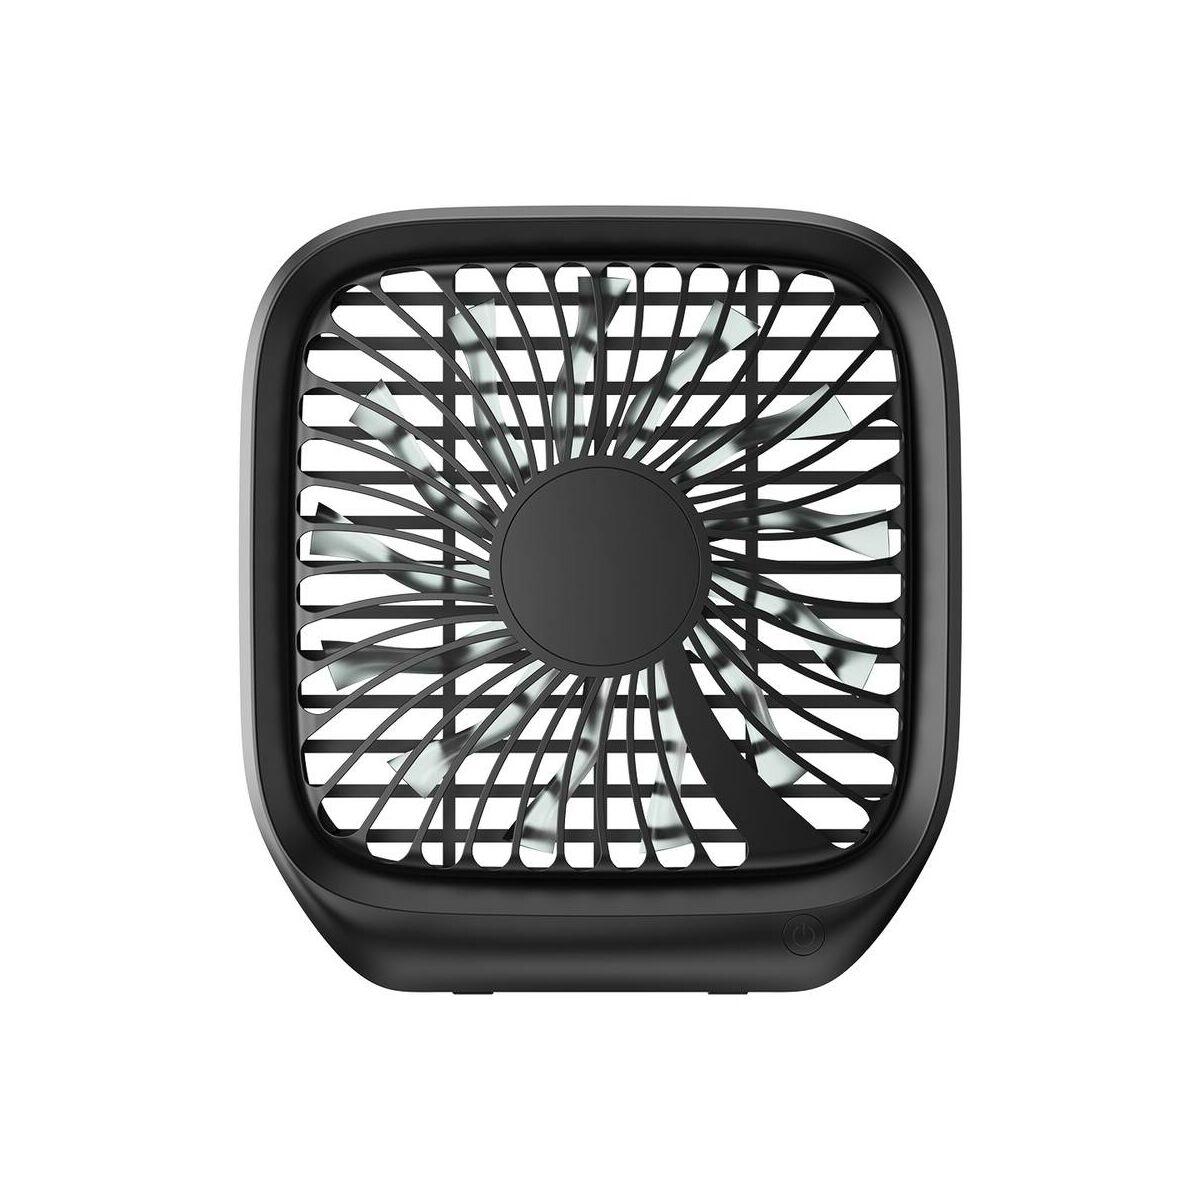 Baseus autós kiegészítő, első ülés fejtámlához rögzíthető ventilátor fekete (CXZD-01)